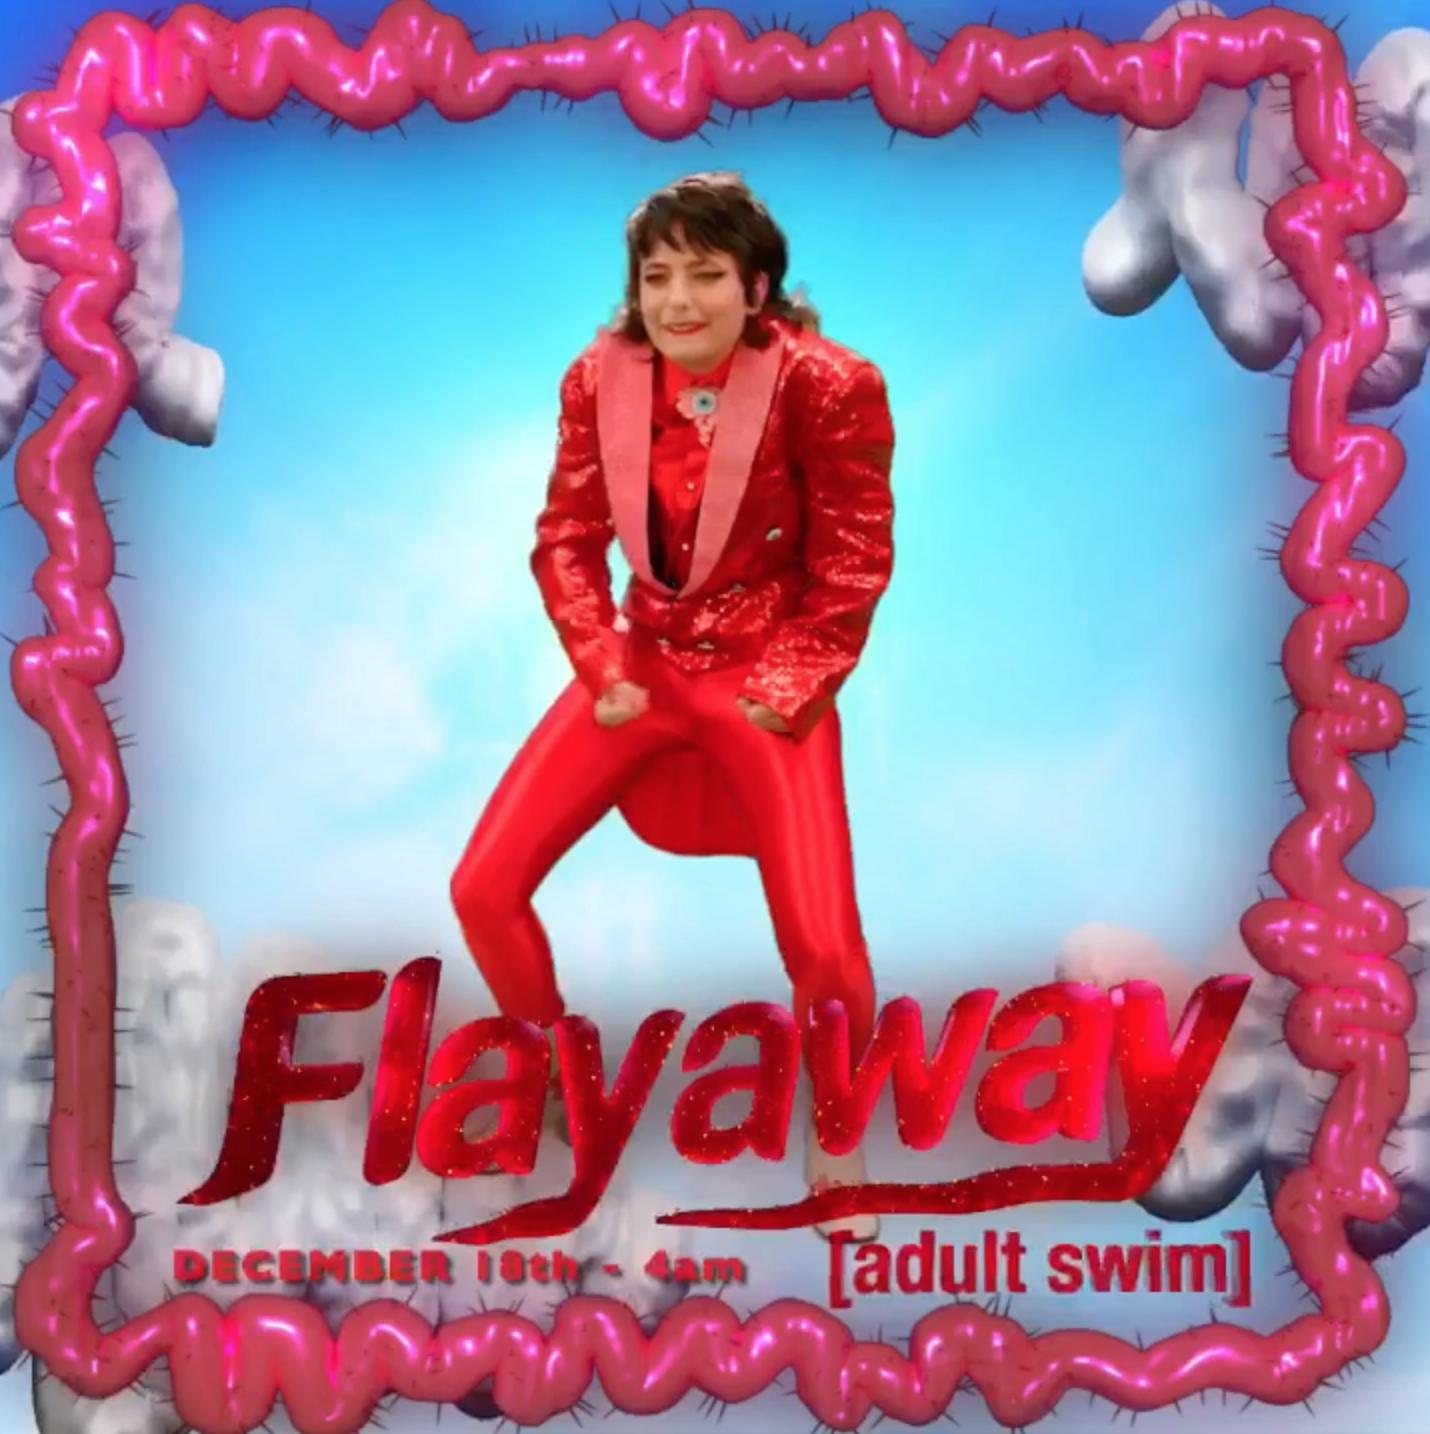 FLAYAWAY